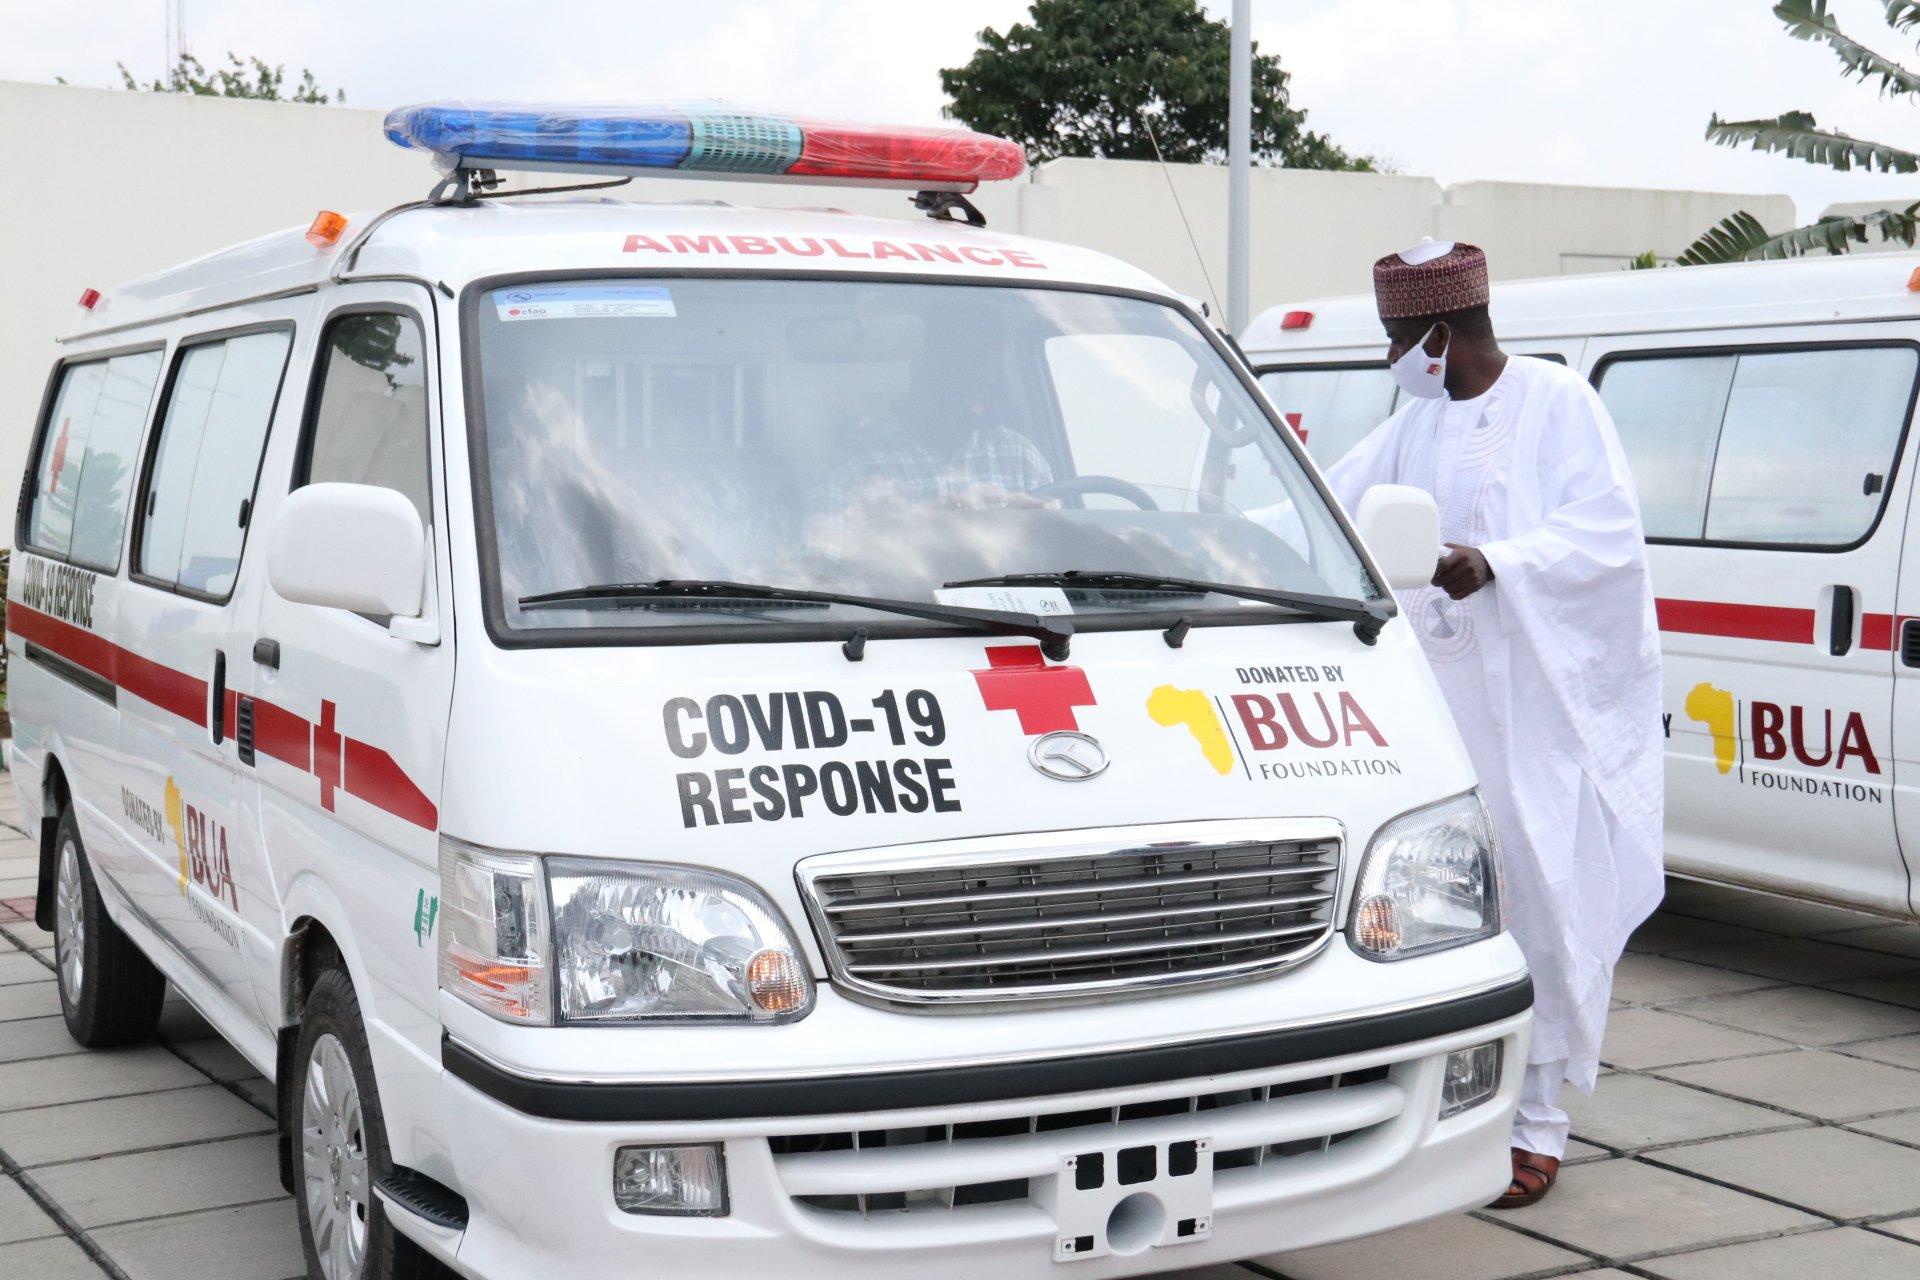 BUA Foundation donates 100,000 Facemasks, 5 Ambulances to Akwa Ibom State (Photos)